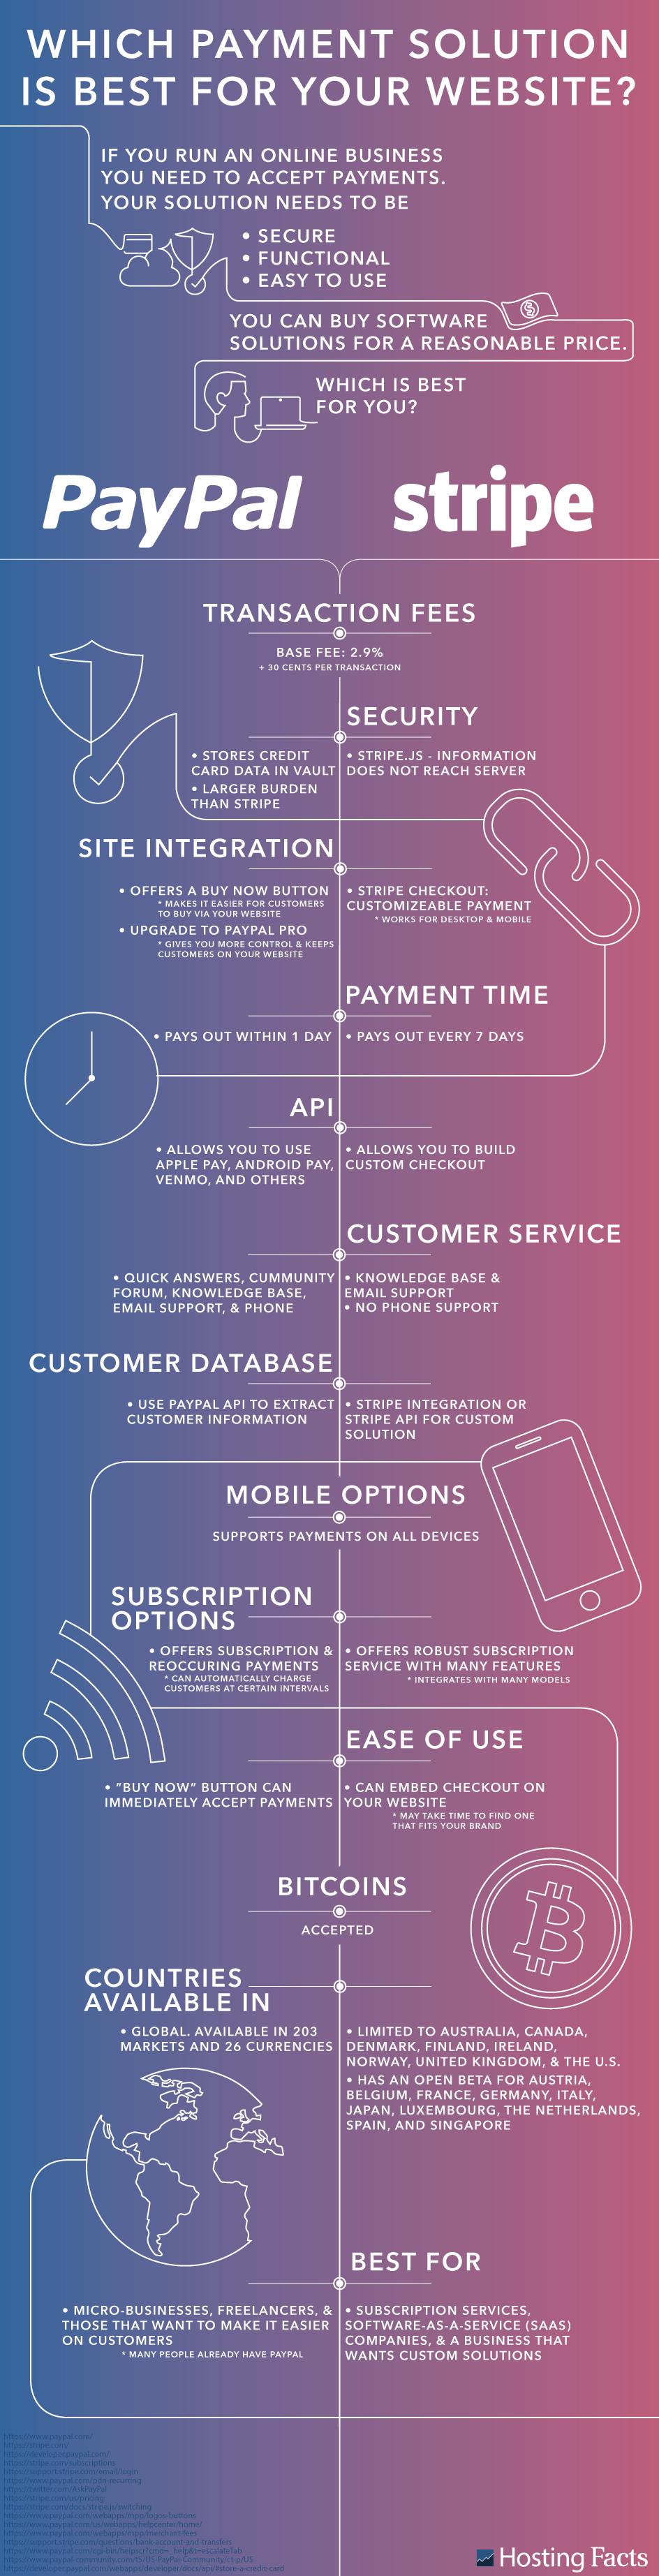 PayPal and Stripe Comparison Graphic